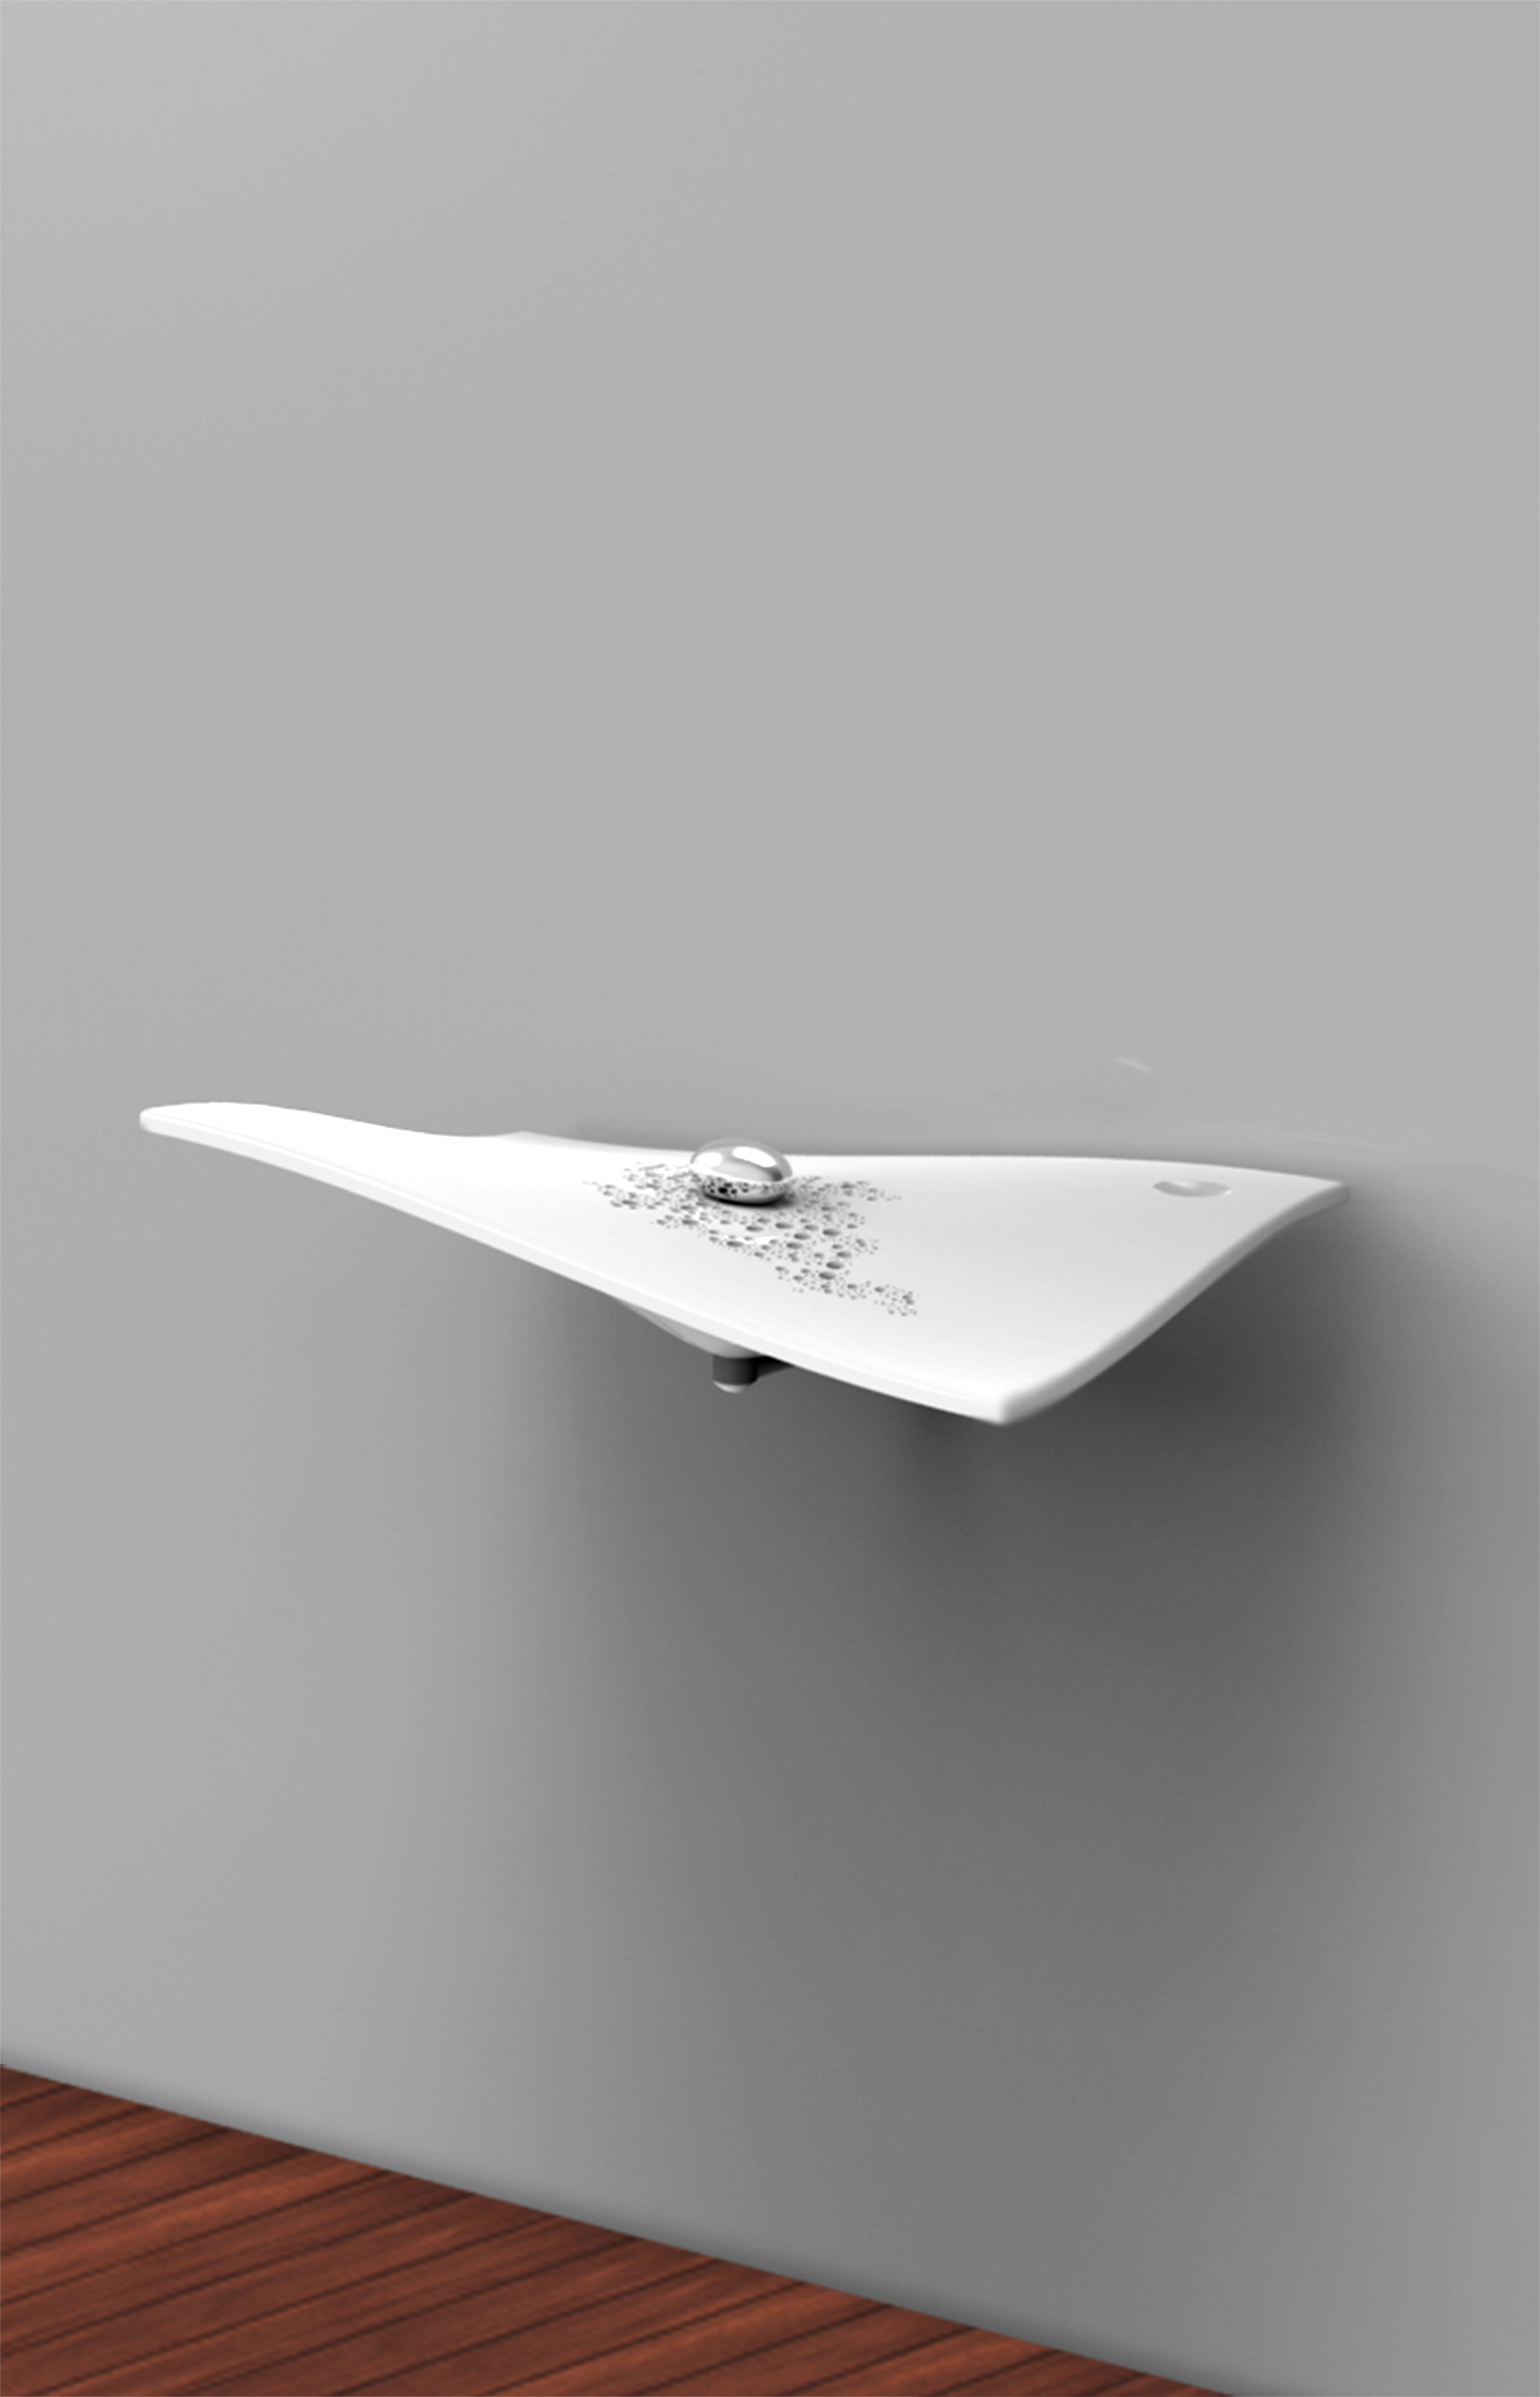 Проект Puro, избранный в пятёрку лучших на конкурсе Hansgrohe Award 2014: Efficient Water Design